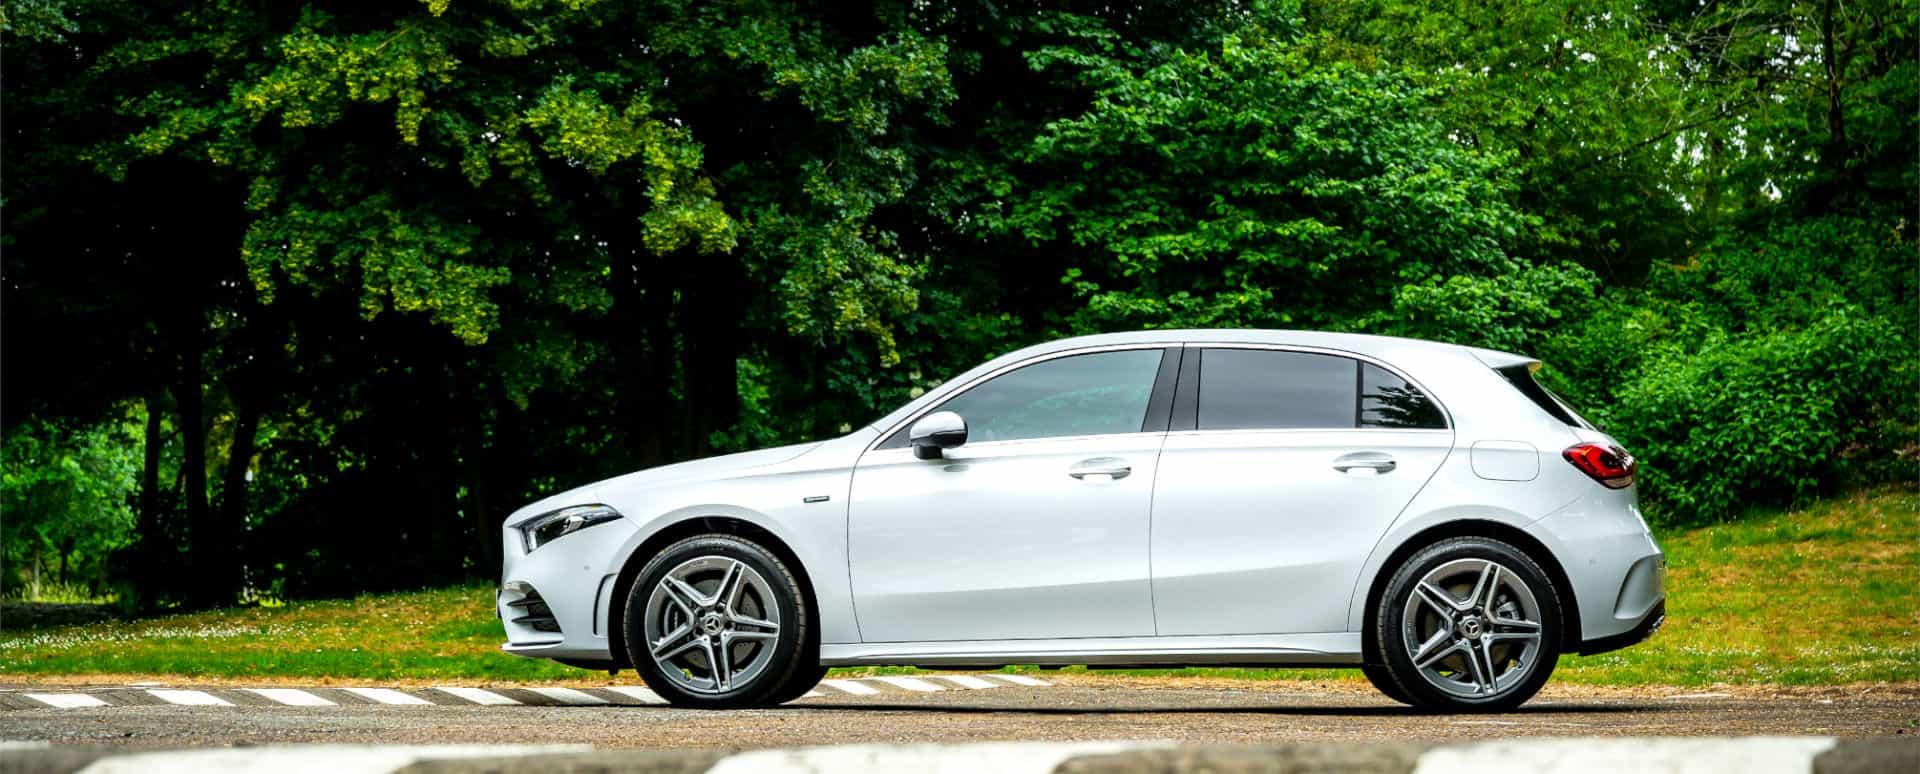 Mercedes-Benz A-Class, Parked